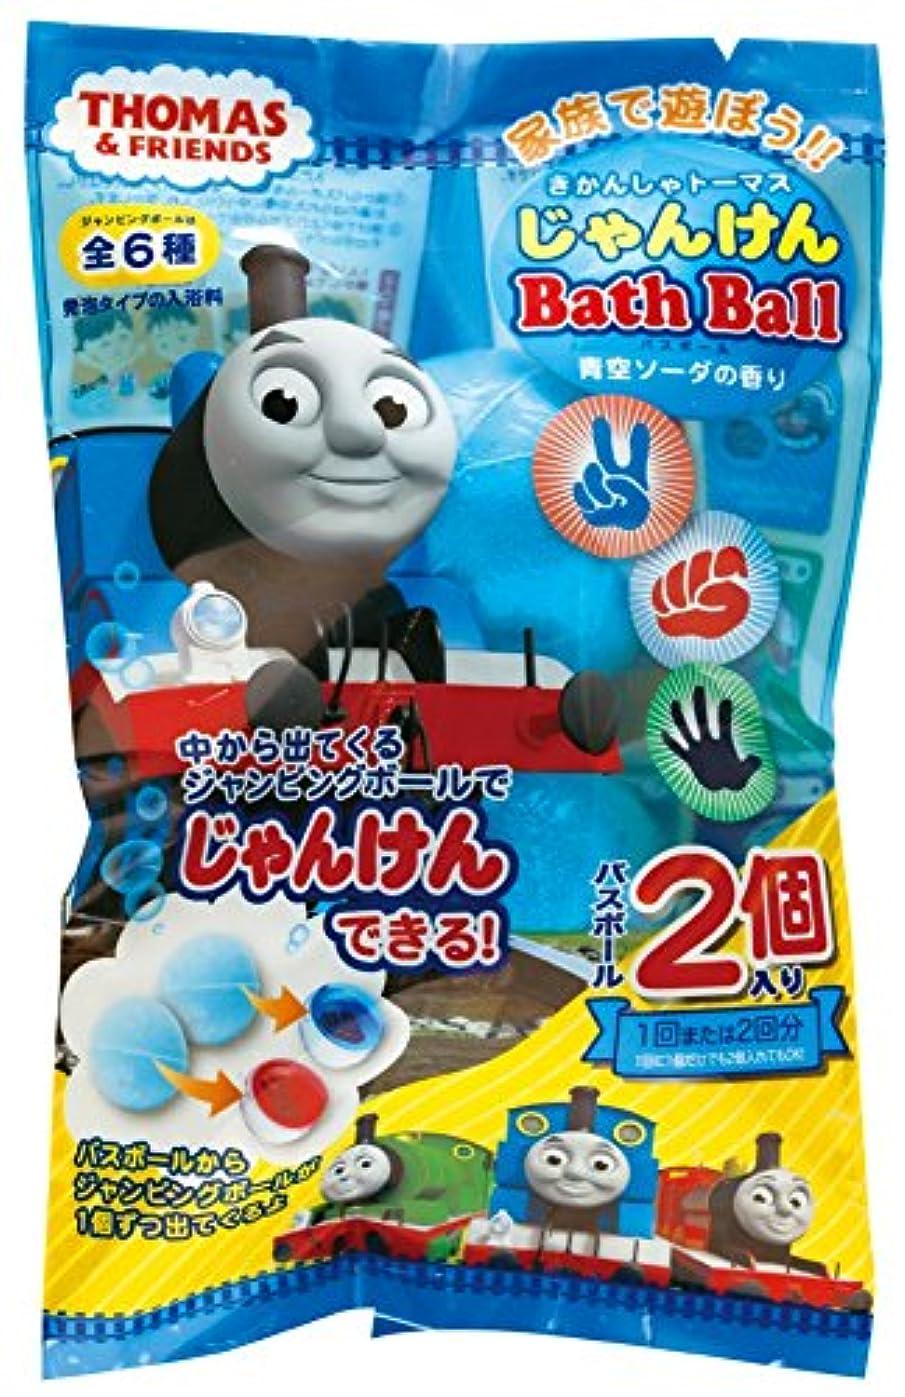 ピンくるみメンダシティきかんしゃトーマス 入浴剤 じゃんけんバスボール 2個入り おまけ付き 青色ソーダの香り OB-TOB-4-1